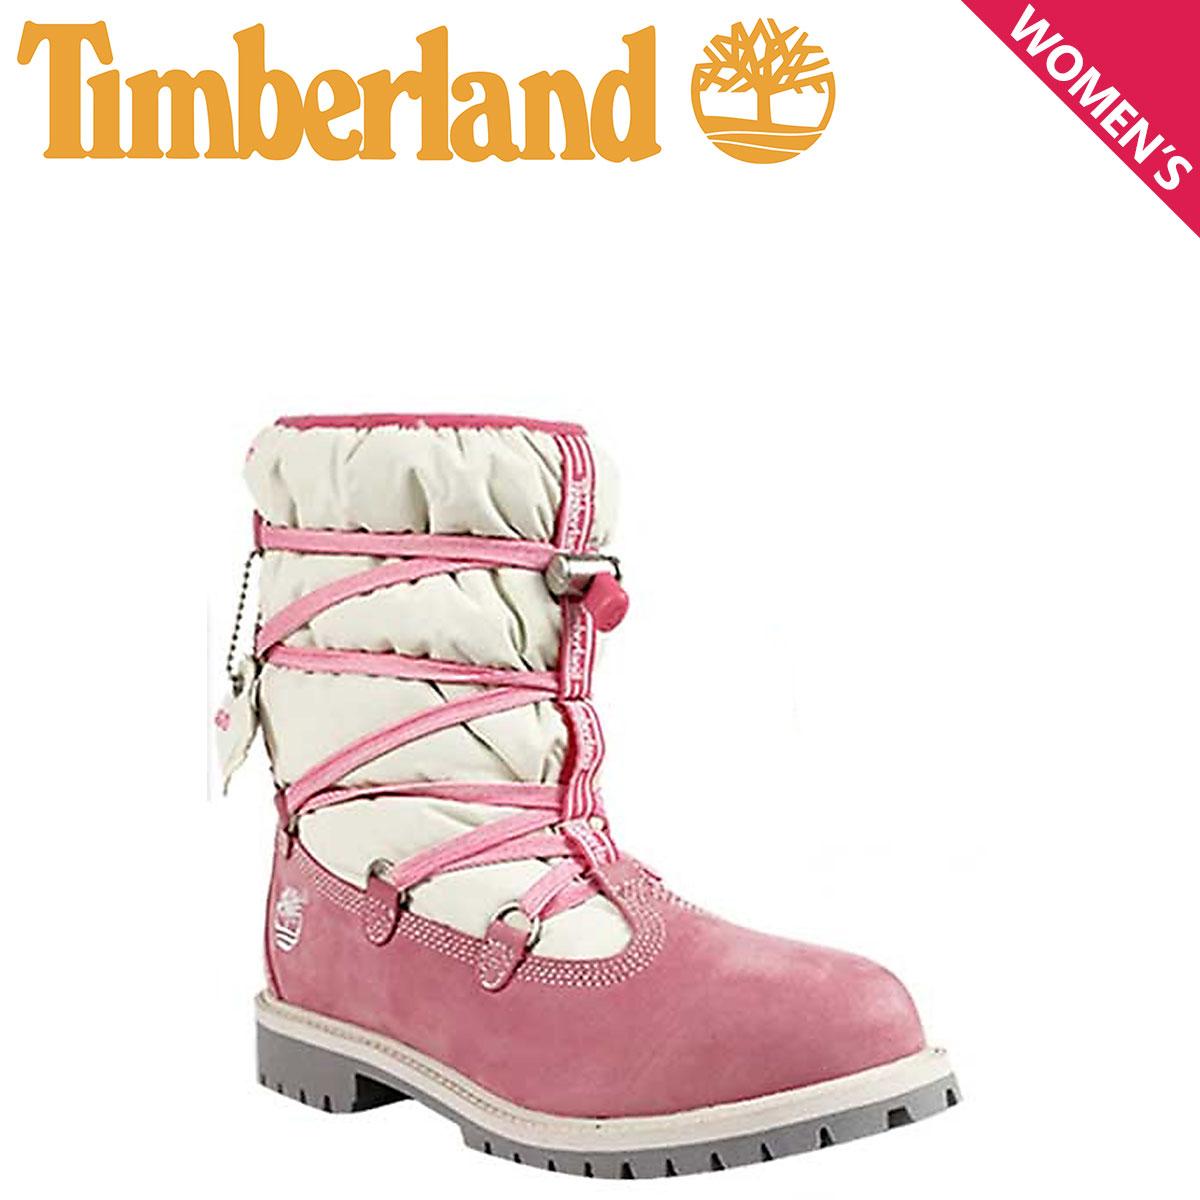 ティンバーランド レディース ブーツ 6インチ Timberland JUNIOR 6INCH QUILTED BOOT 72914 スノー 防水 【S10】【返品不可】